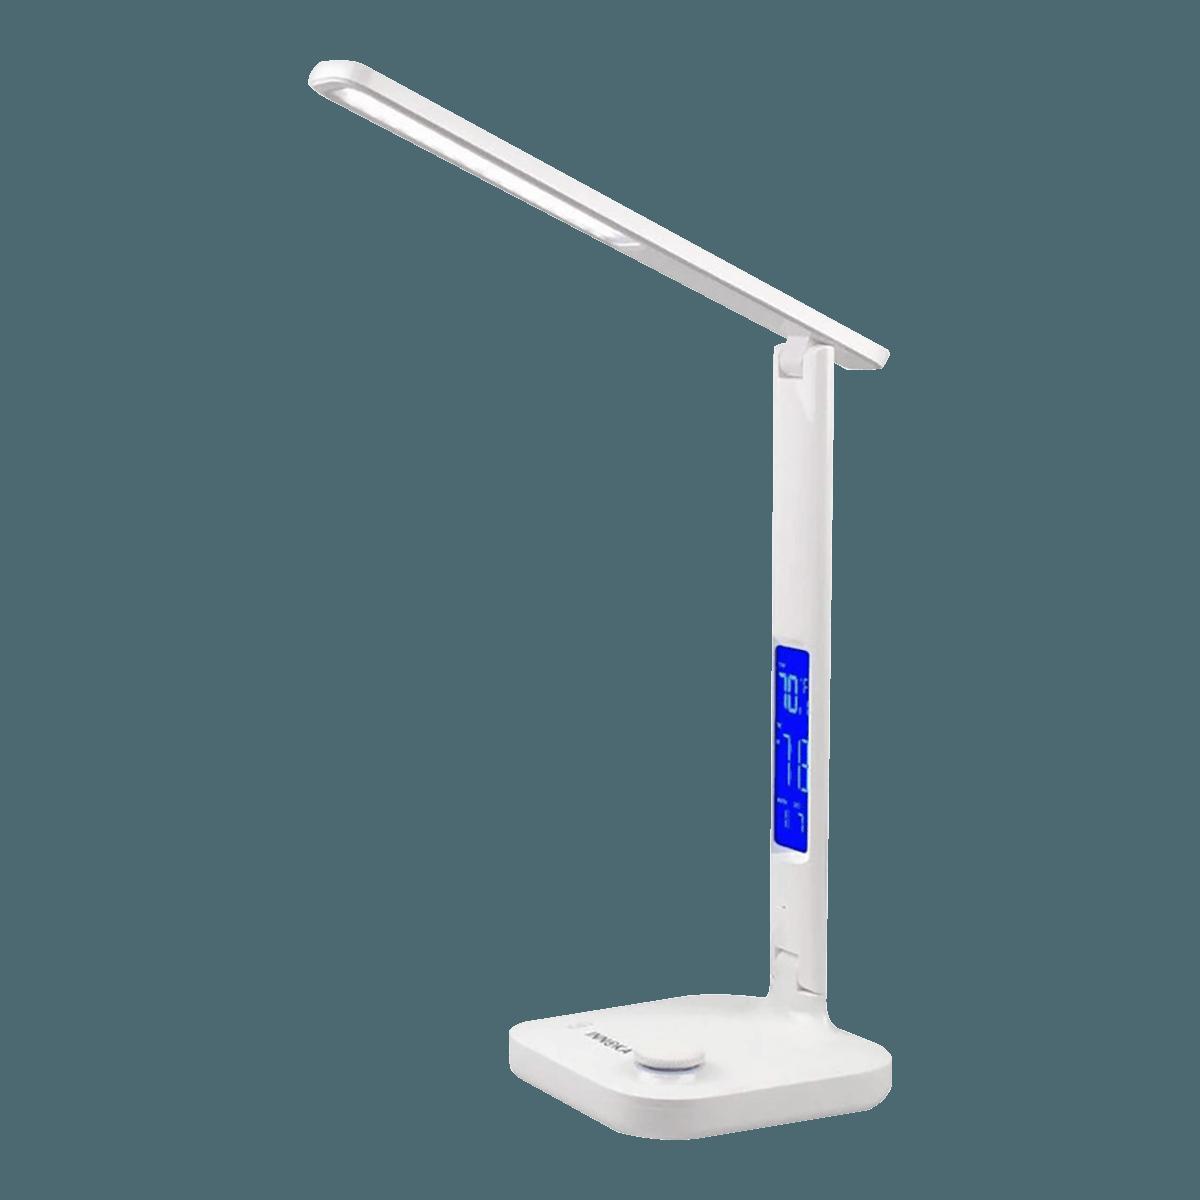 美国INNOKA 180°可调整充电式护眼LED台灯 #白色